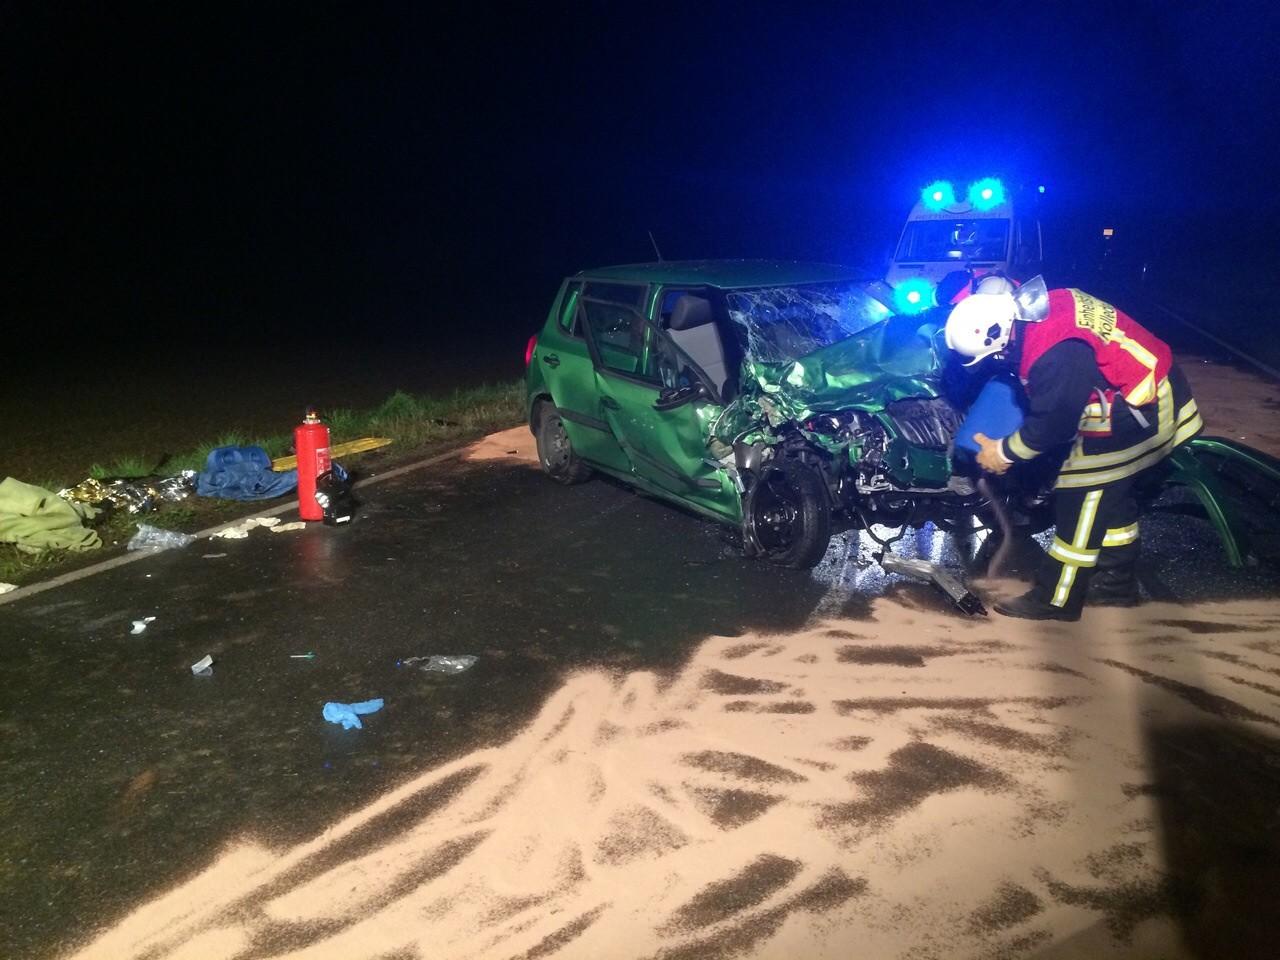 Verkehrsunfall auf der B176 - Freiwillige Feuerwehr Kölleda